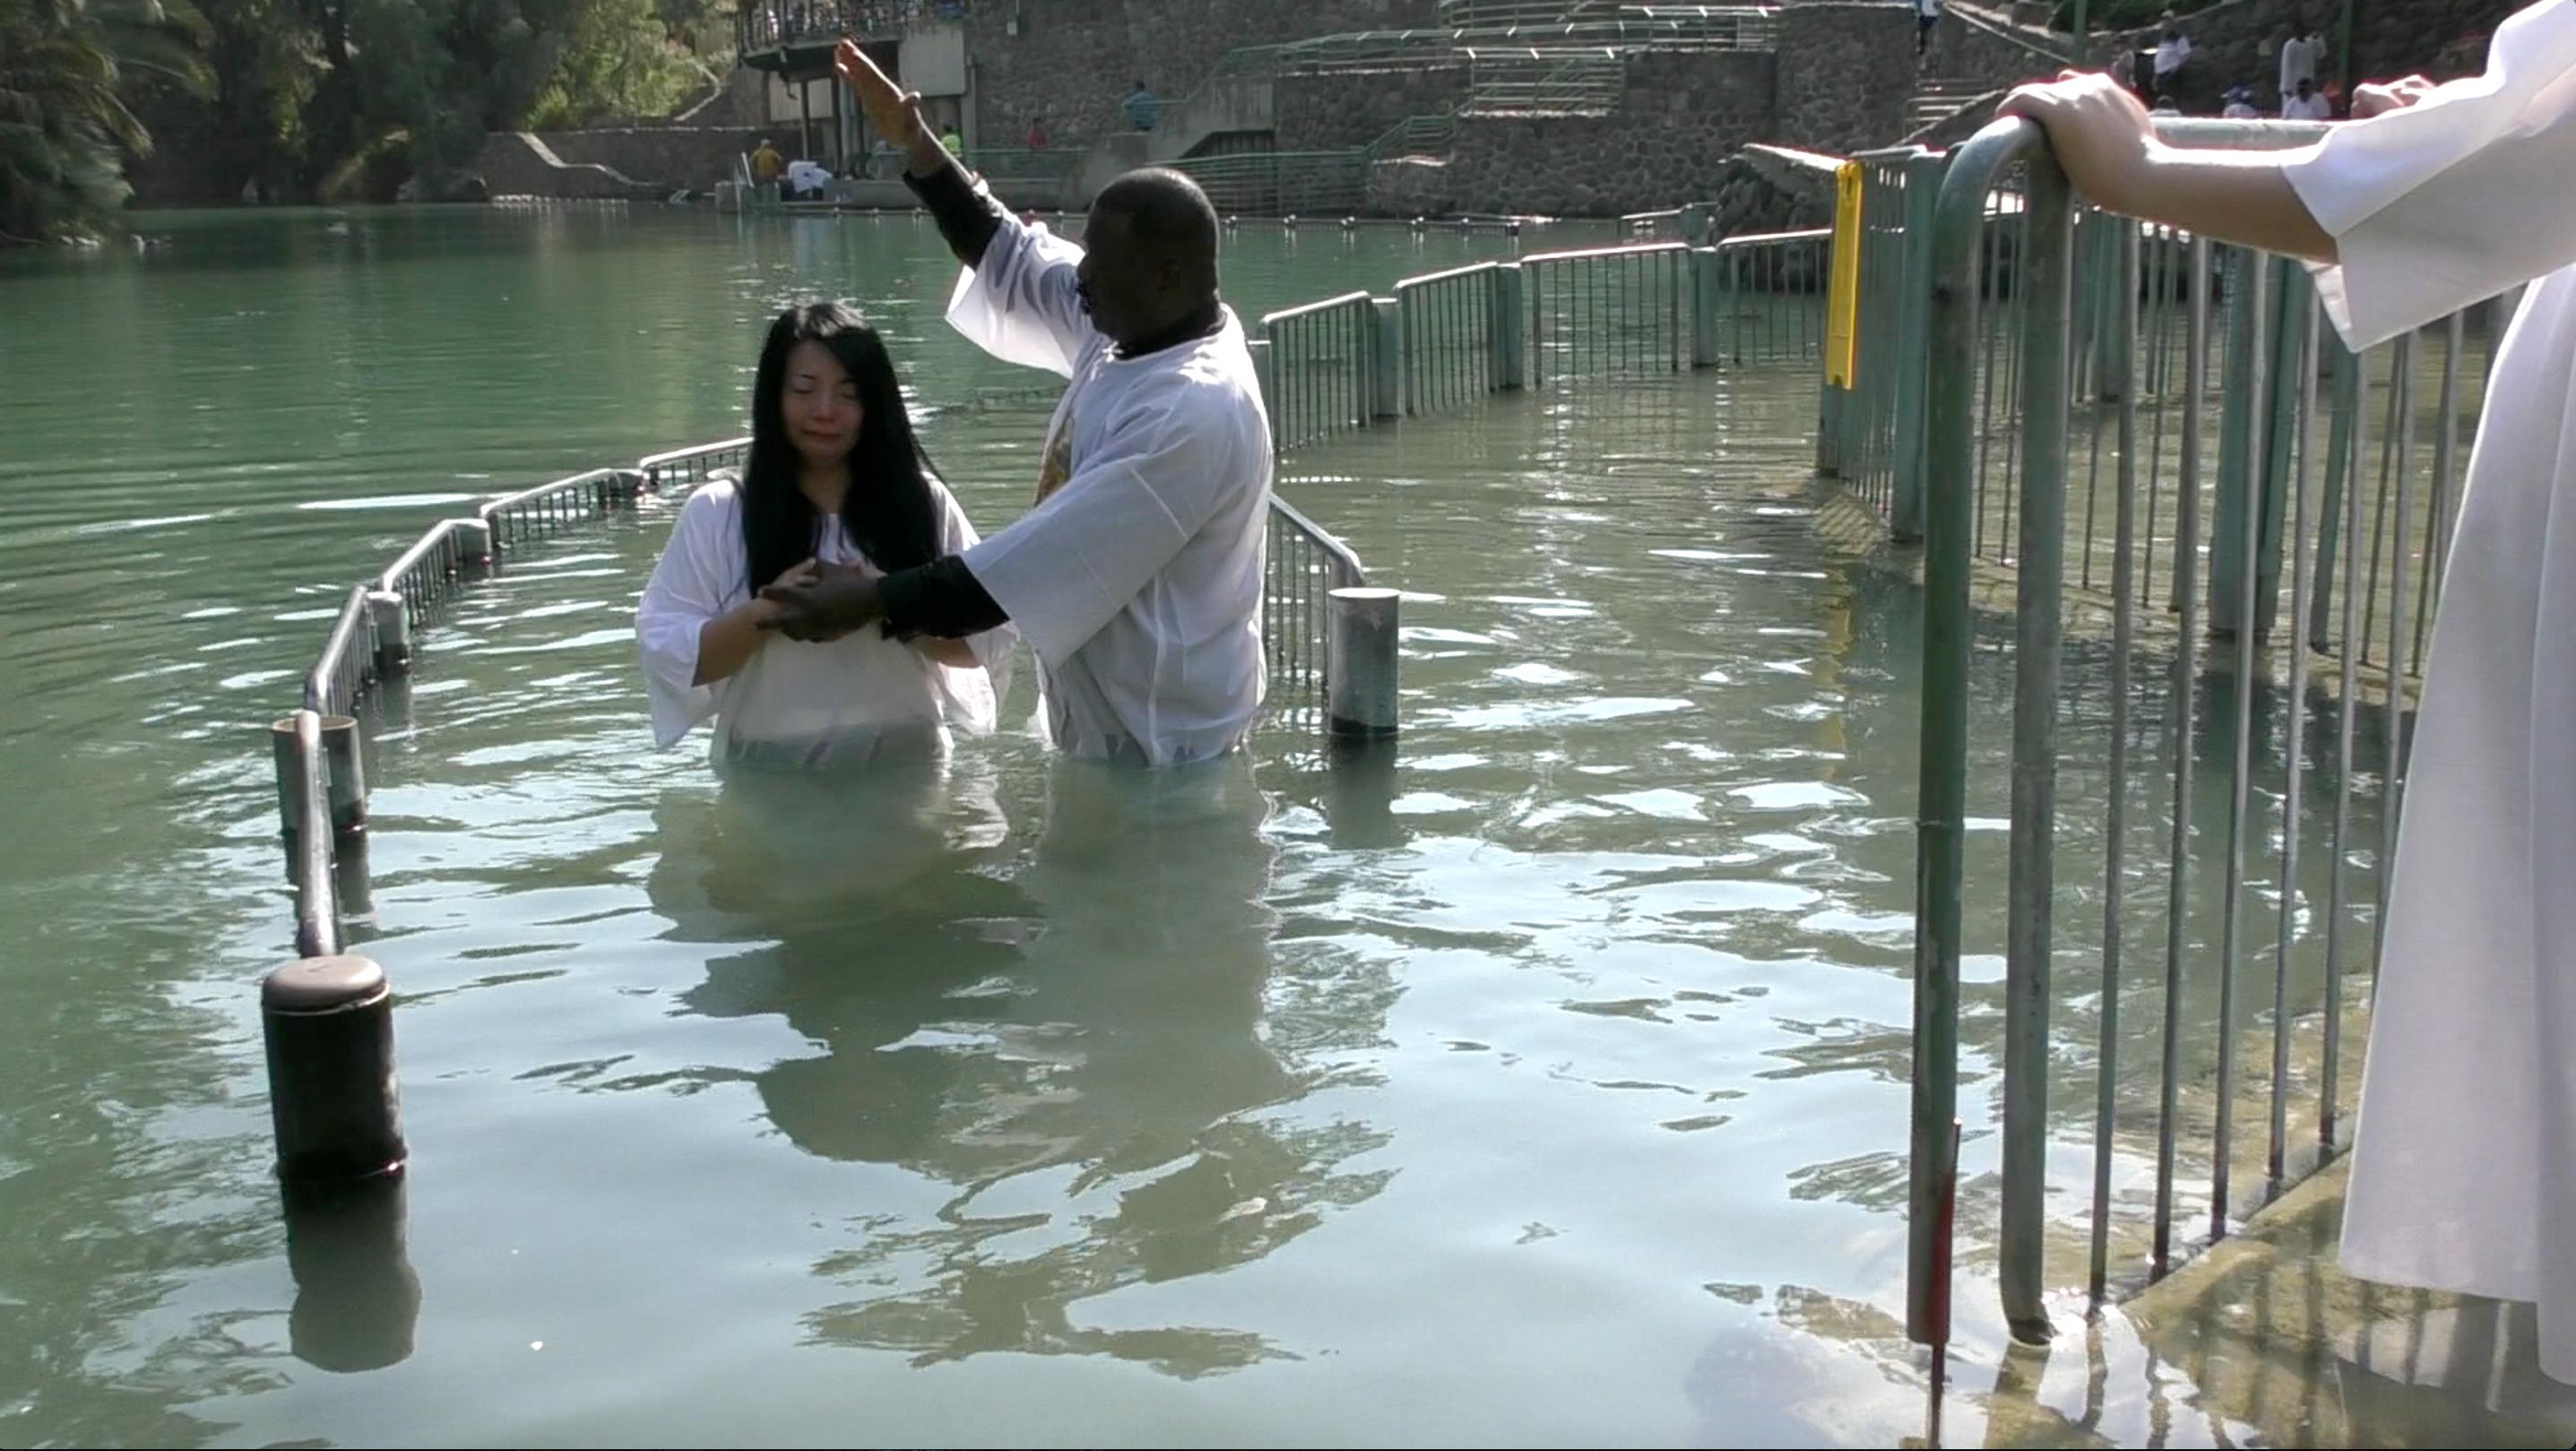 BAPTISM @ RIVER JORDAN